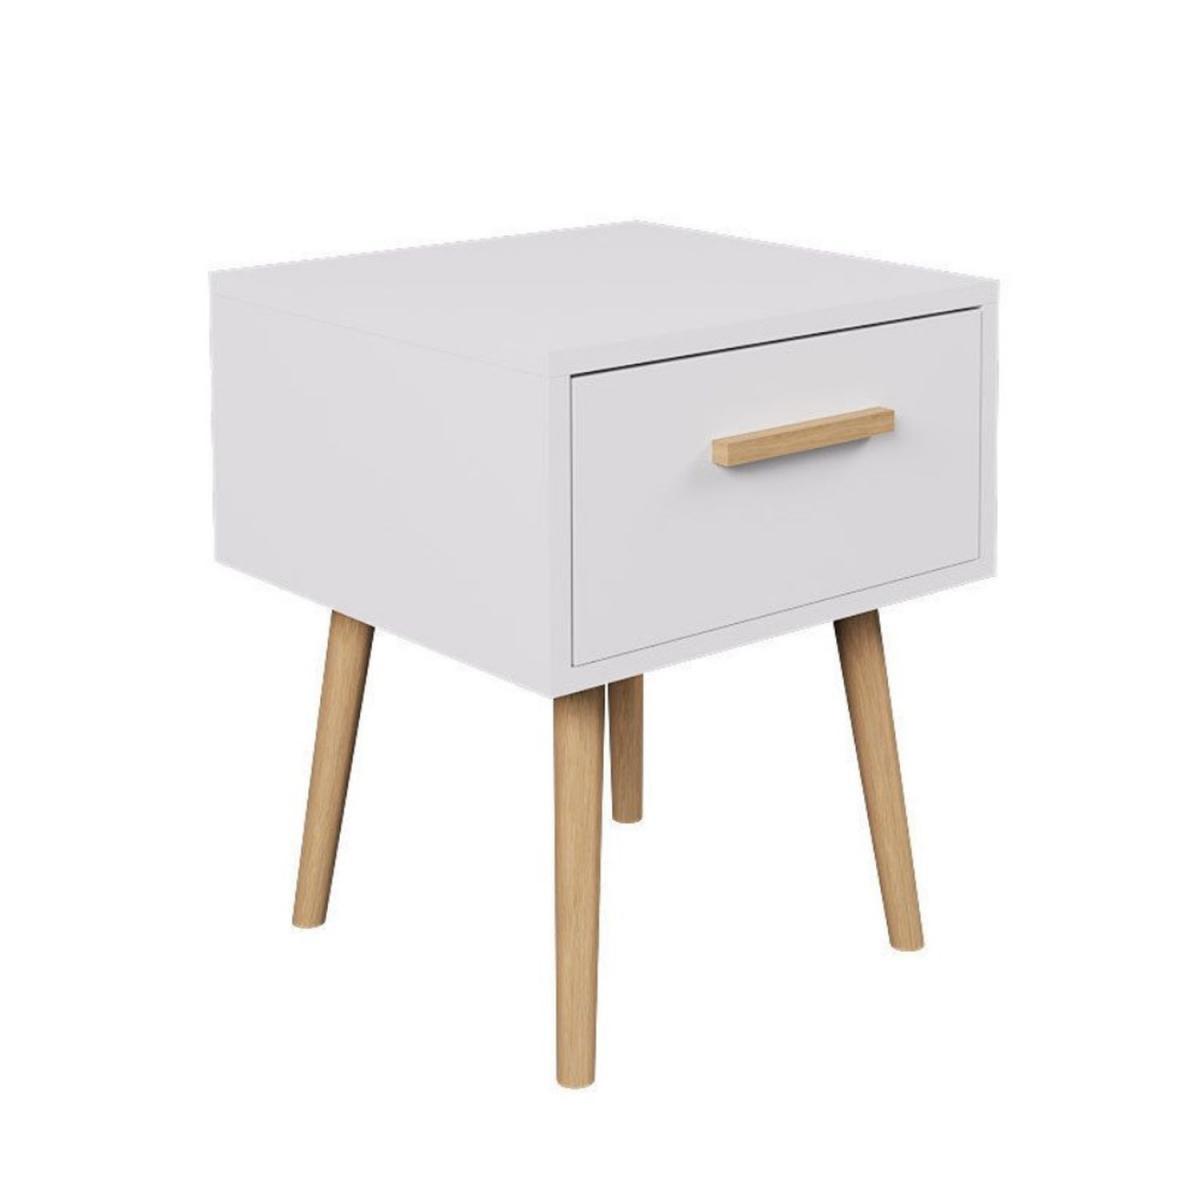 Toilinux Table de chevet design scandinave Edwing - L. 40 x H. 50 cm - Blanc et bois